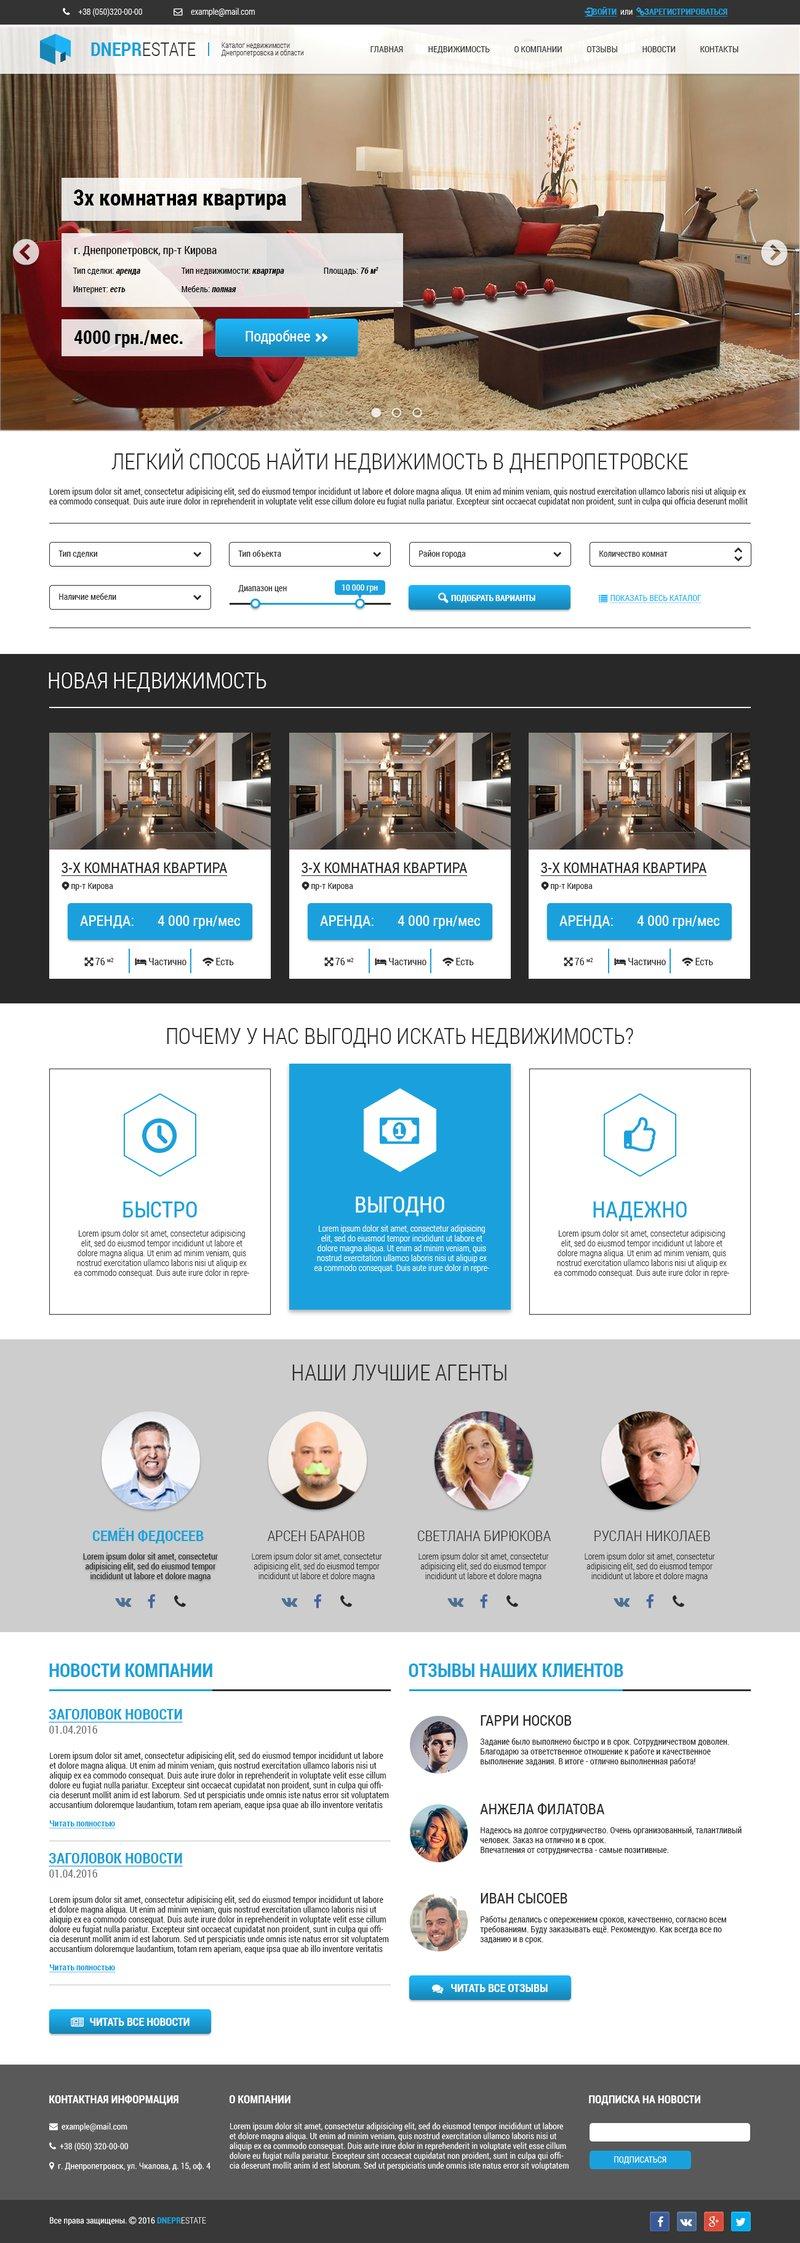 Дизайн лендинга для риелтерского агентства – work in freelancer's portfolio